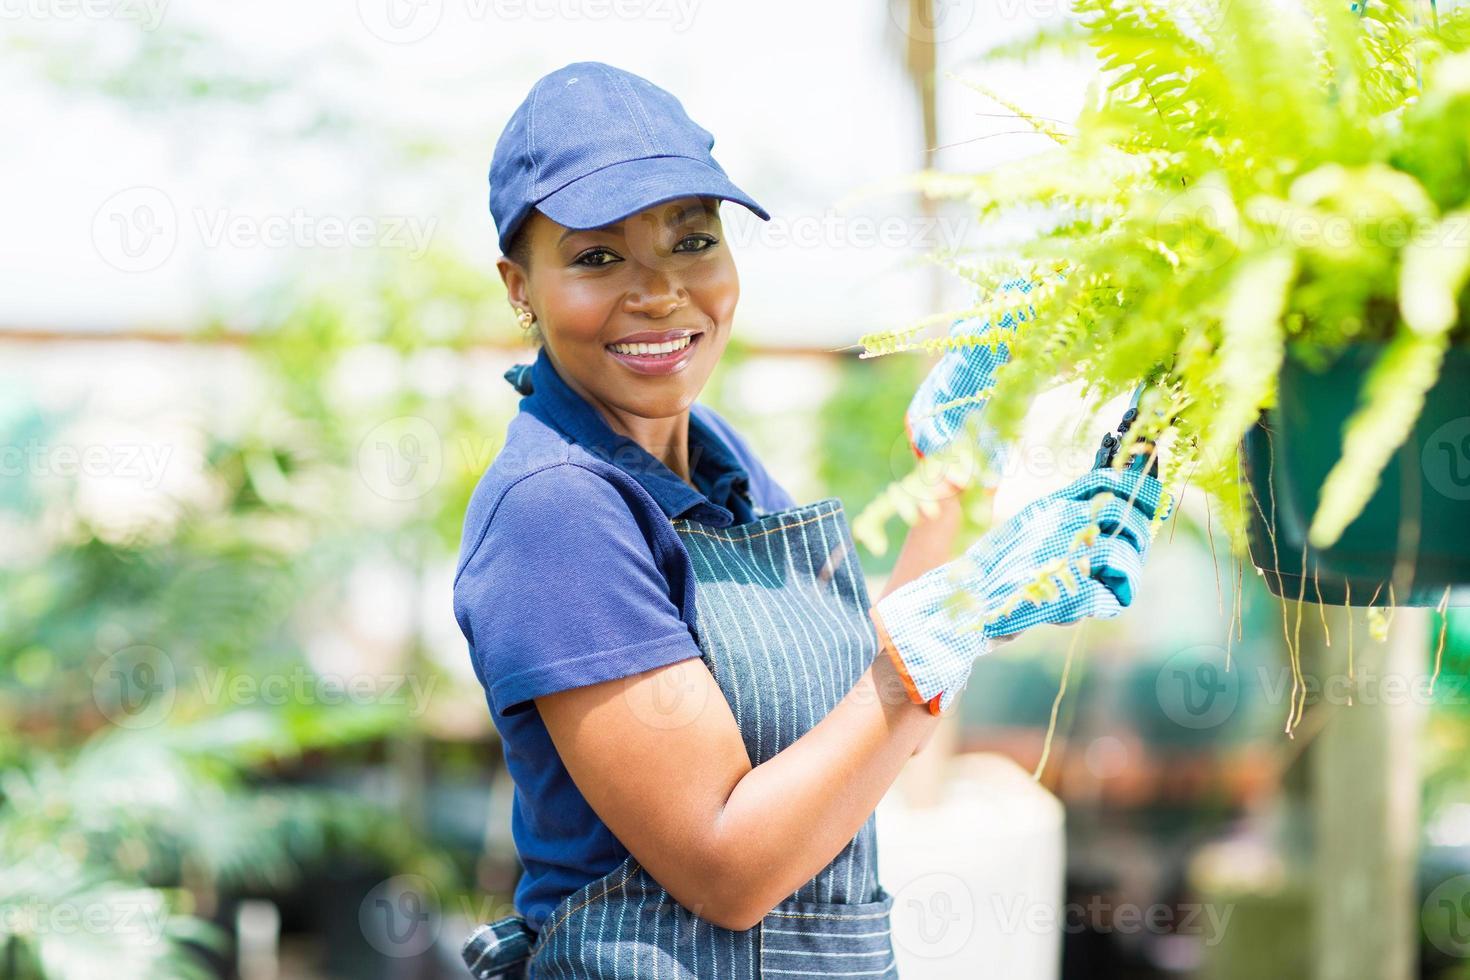 jardineiro feminino americano africano, podando uma planta foto